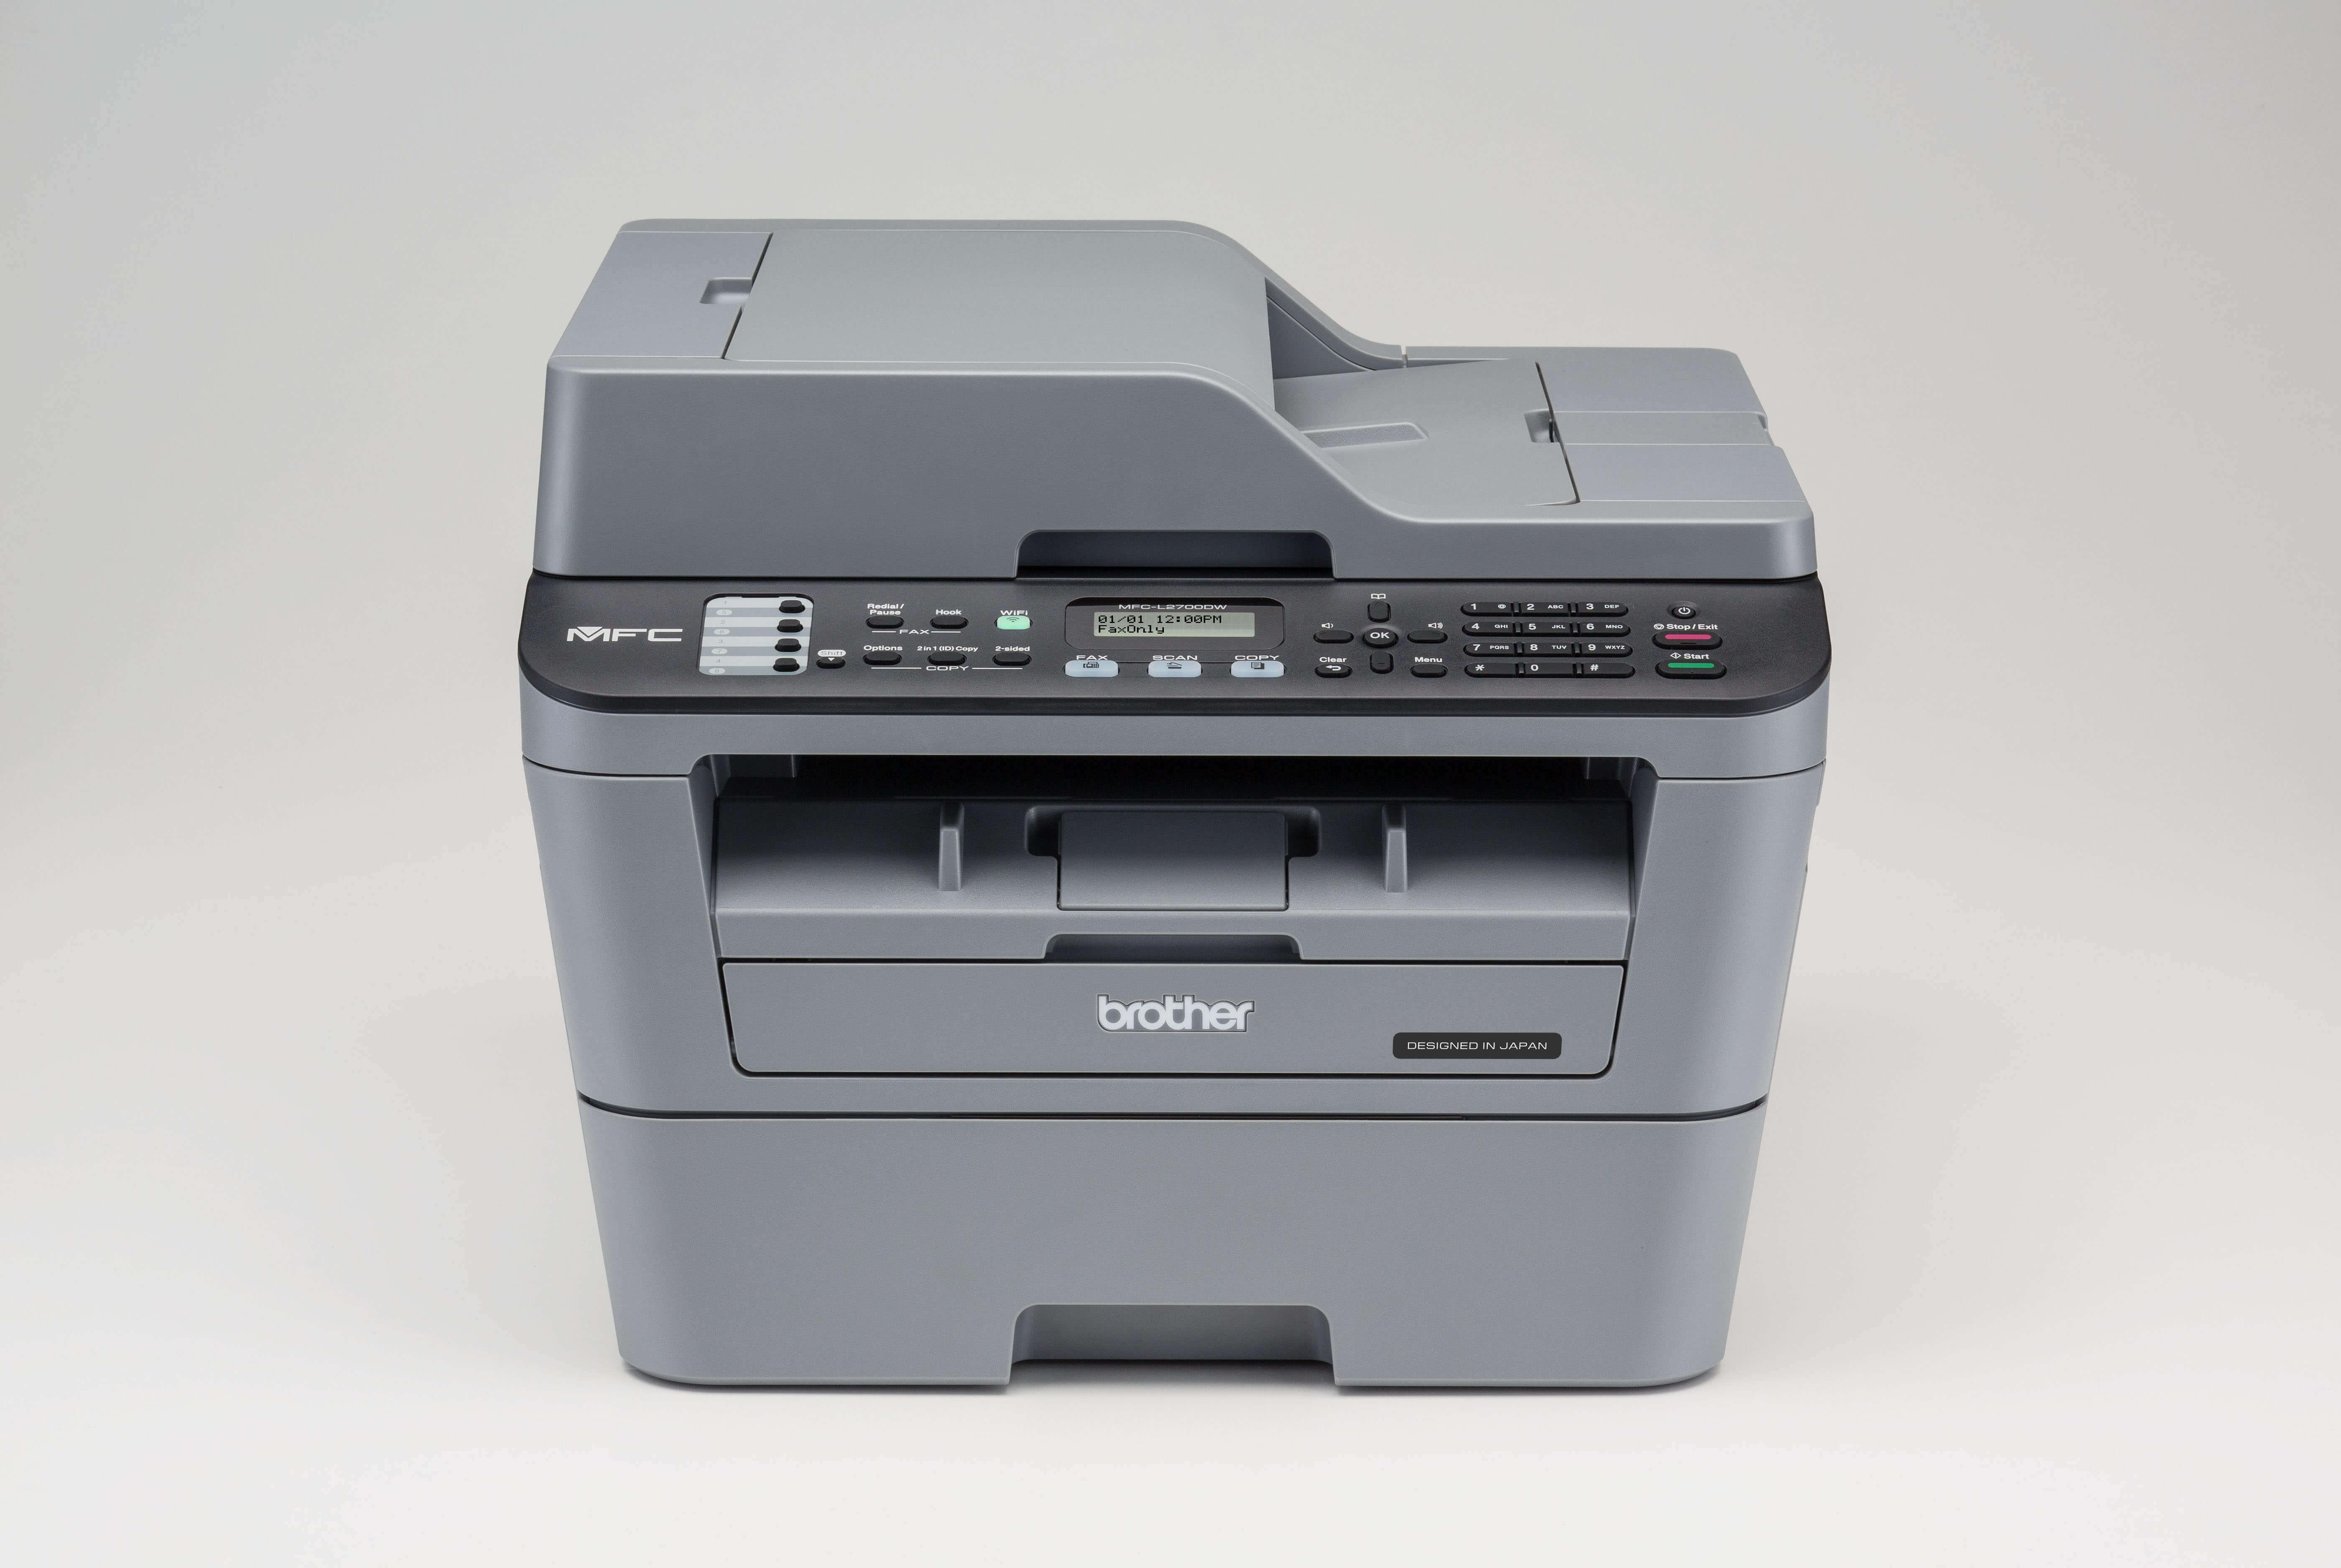 เครื่องพิมพ์มัลติฯเลเซอร์ Brother MFC-L2700DW